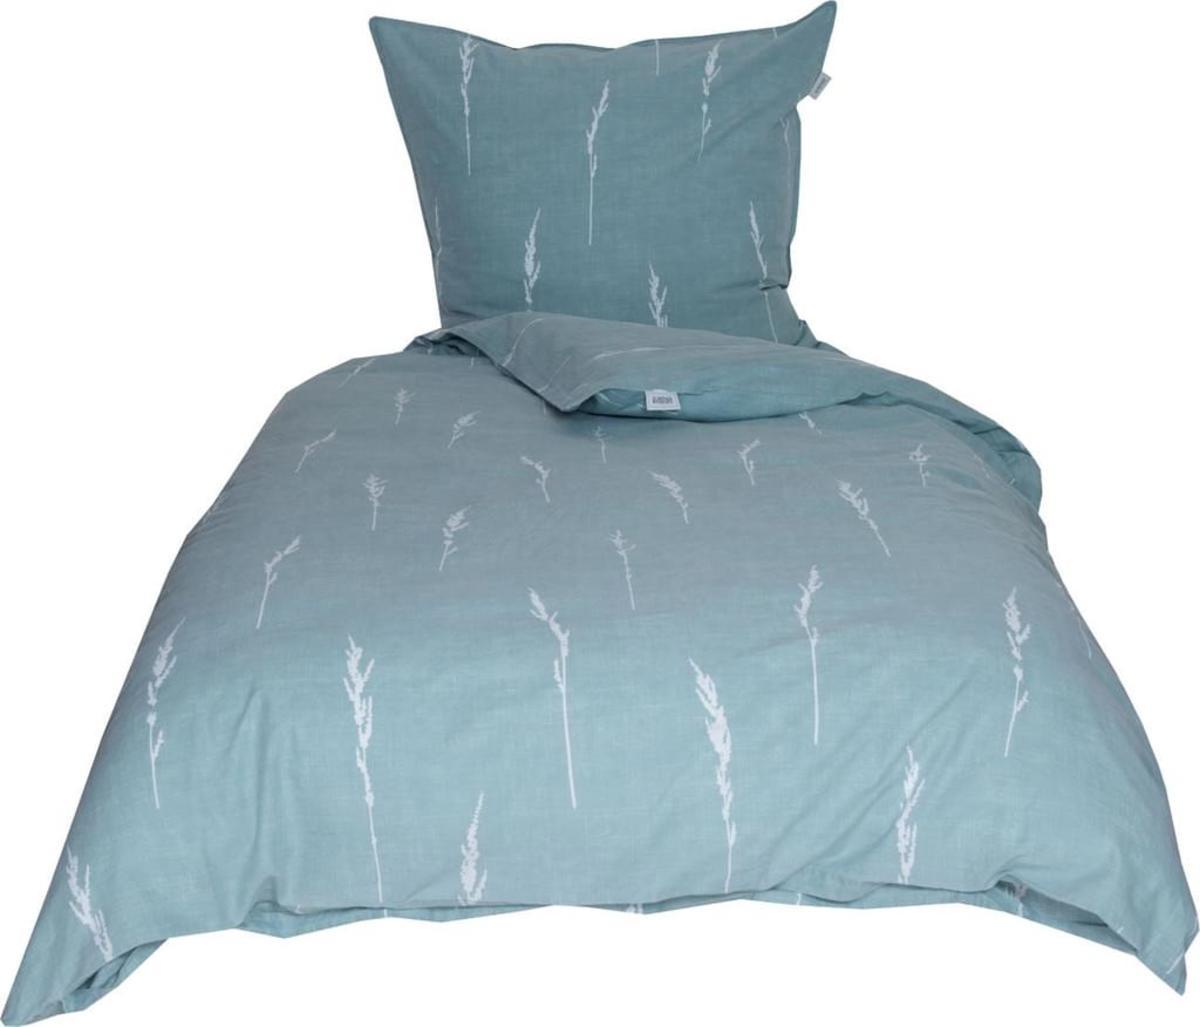 Bild 5 von Schöner Wohnen Bettwäsche, Gras-B, 135x200cm, mint